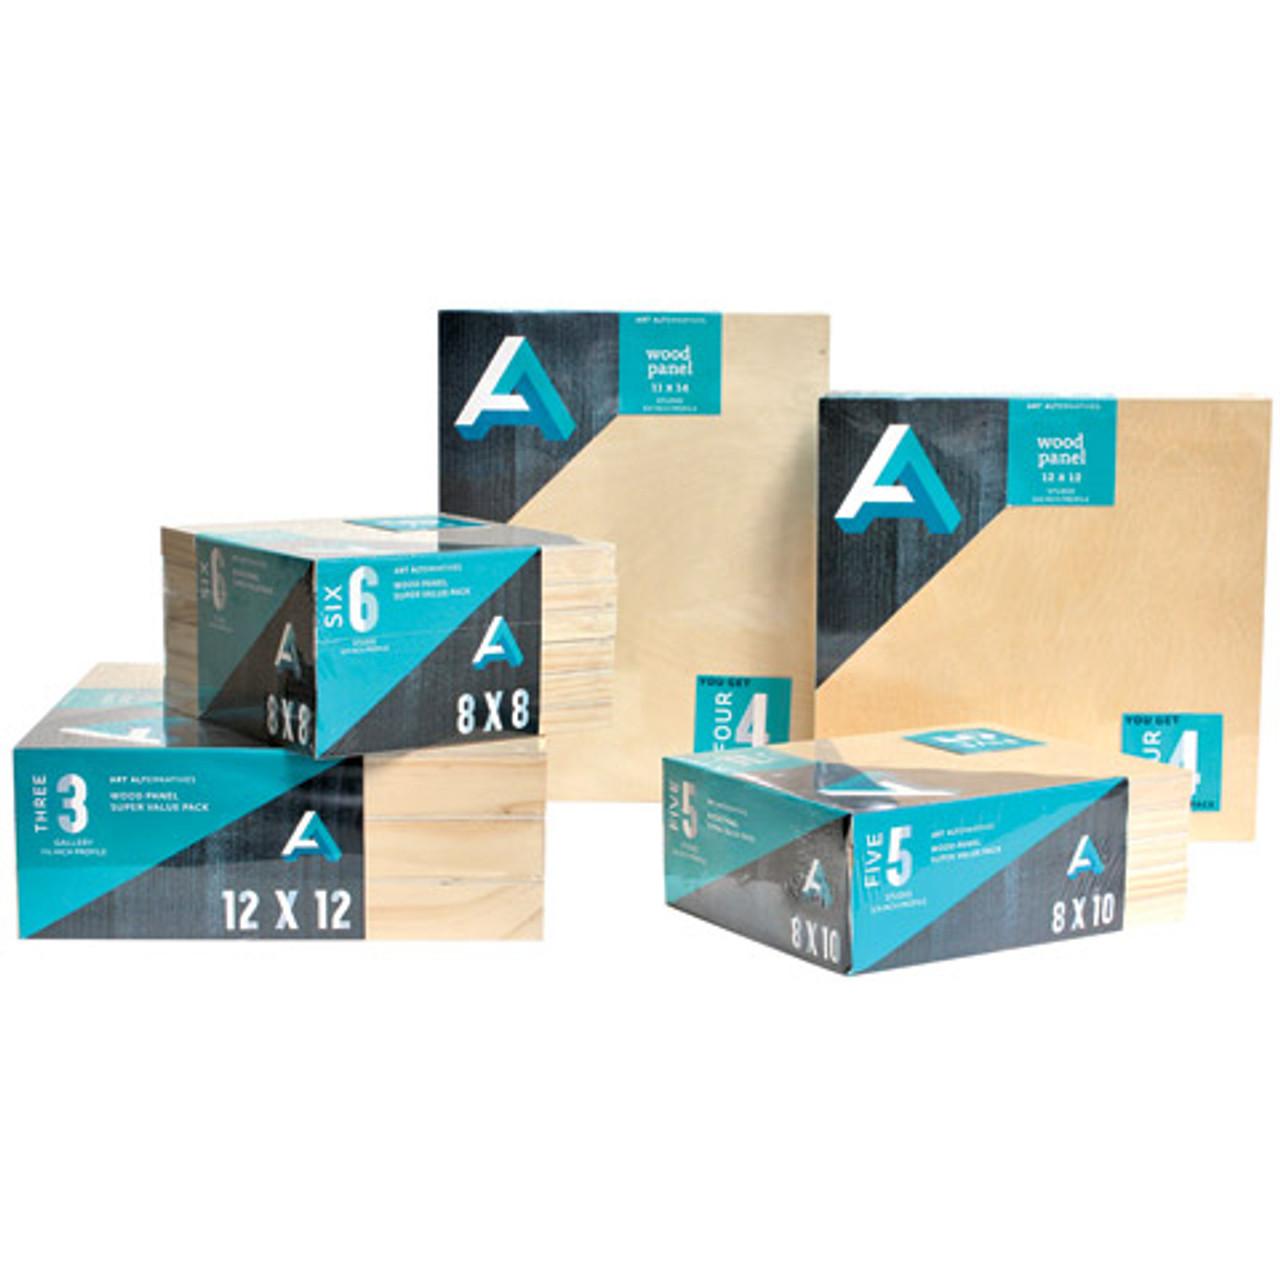 Wood Panel Super Value 5-Pack Cradled 9x12